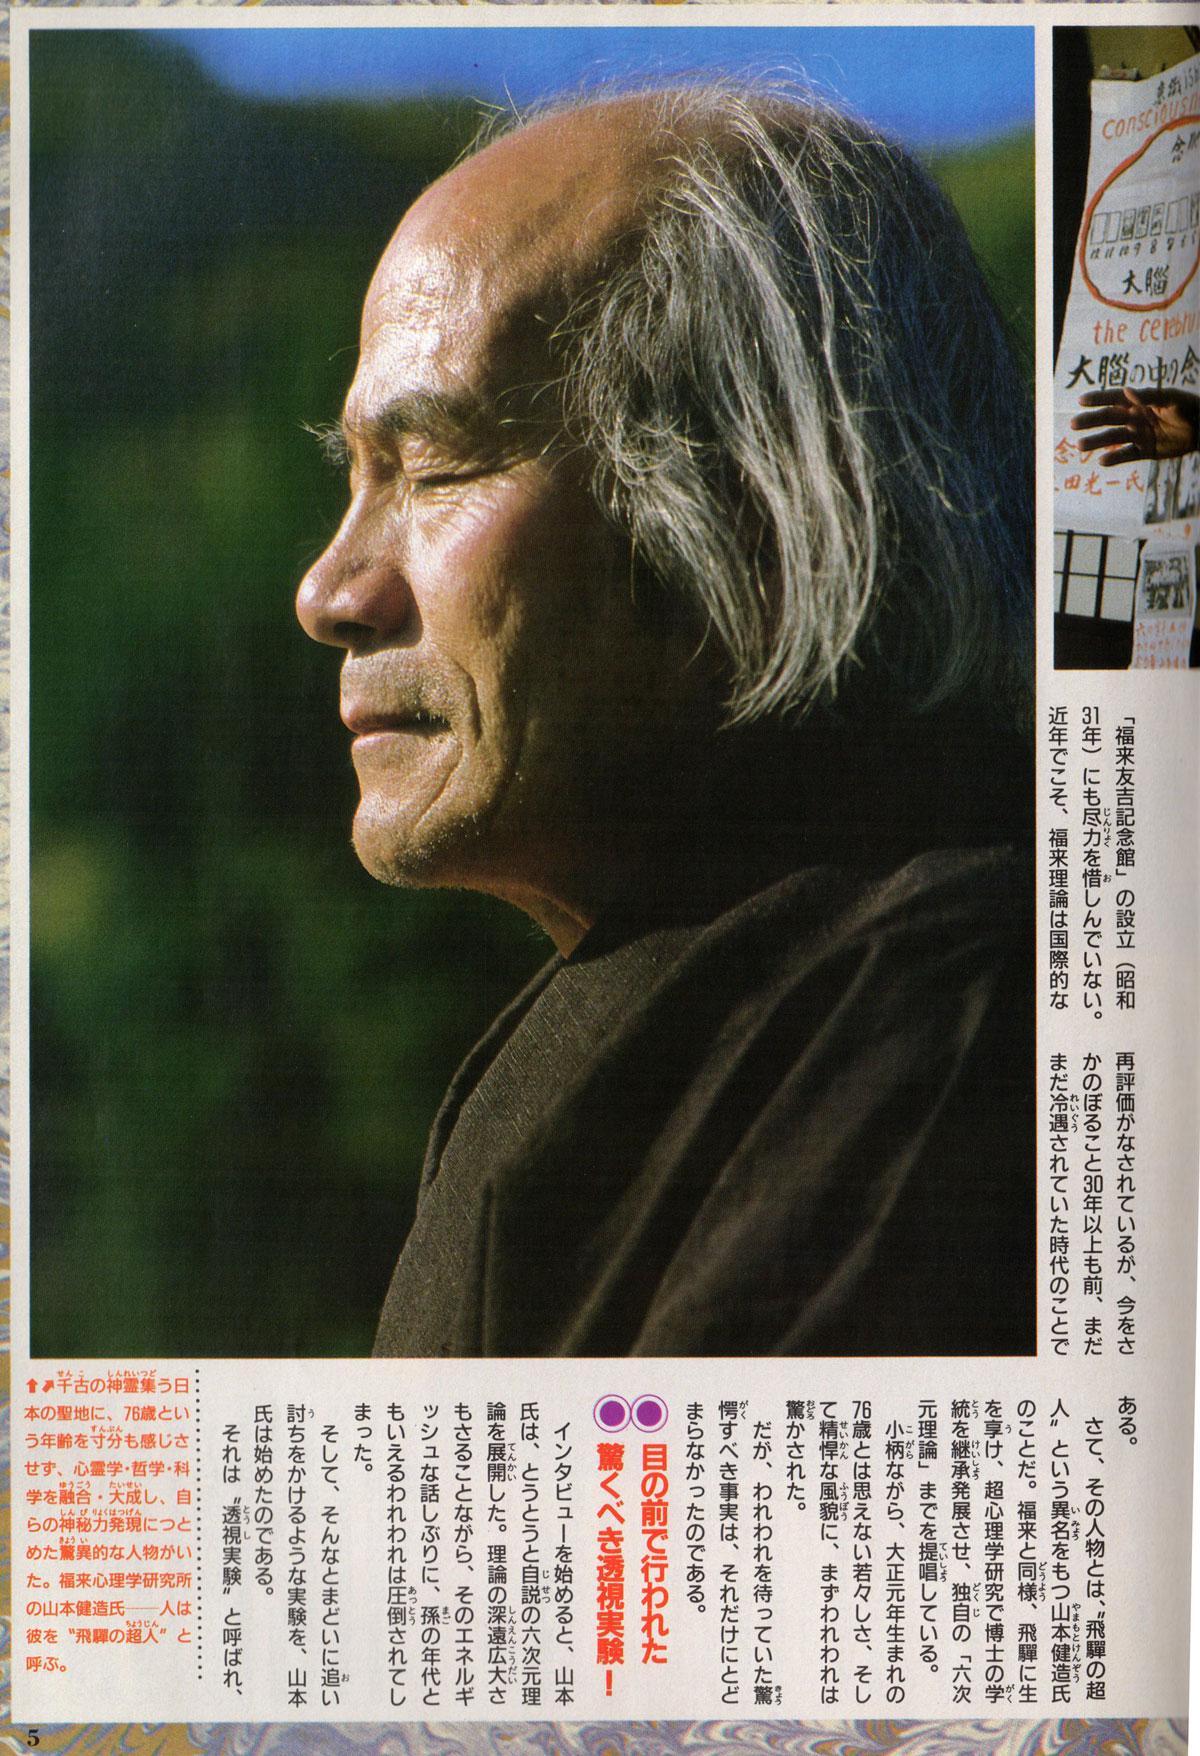 山本健造博士の透視1-2